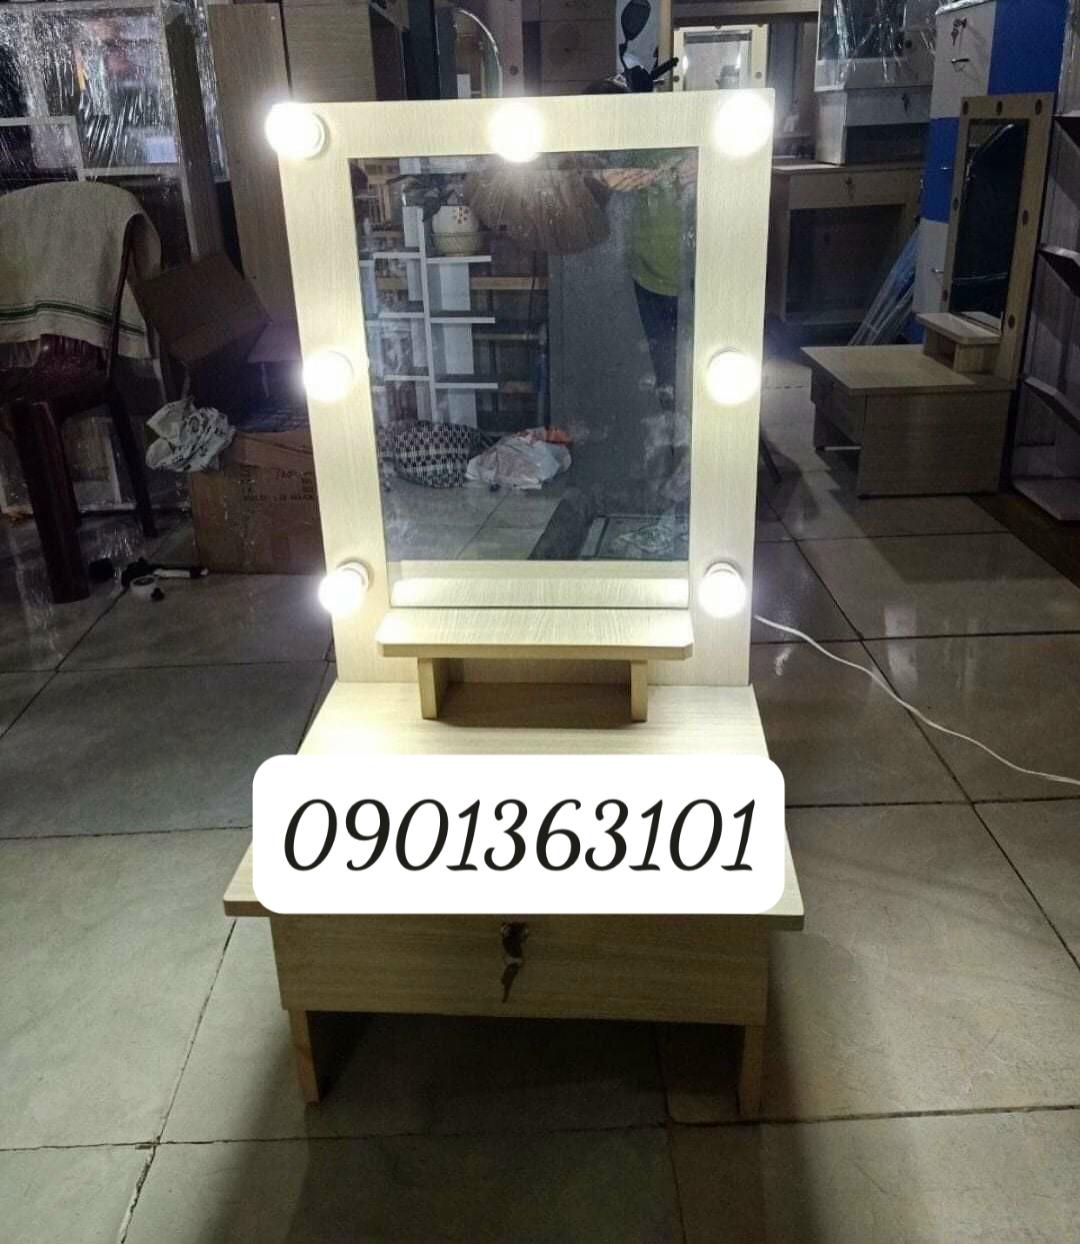 Z2276823543158 B2c8c5fabc5f1d6ba8e8cace6c320d12